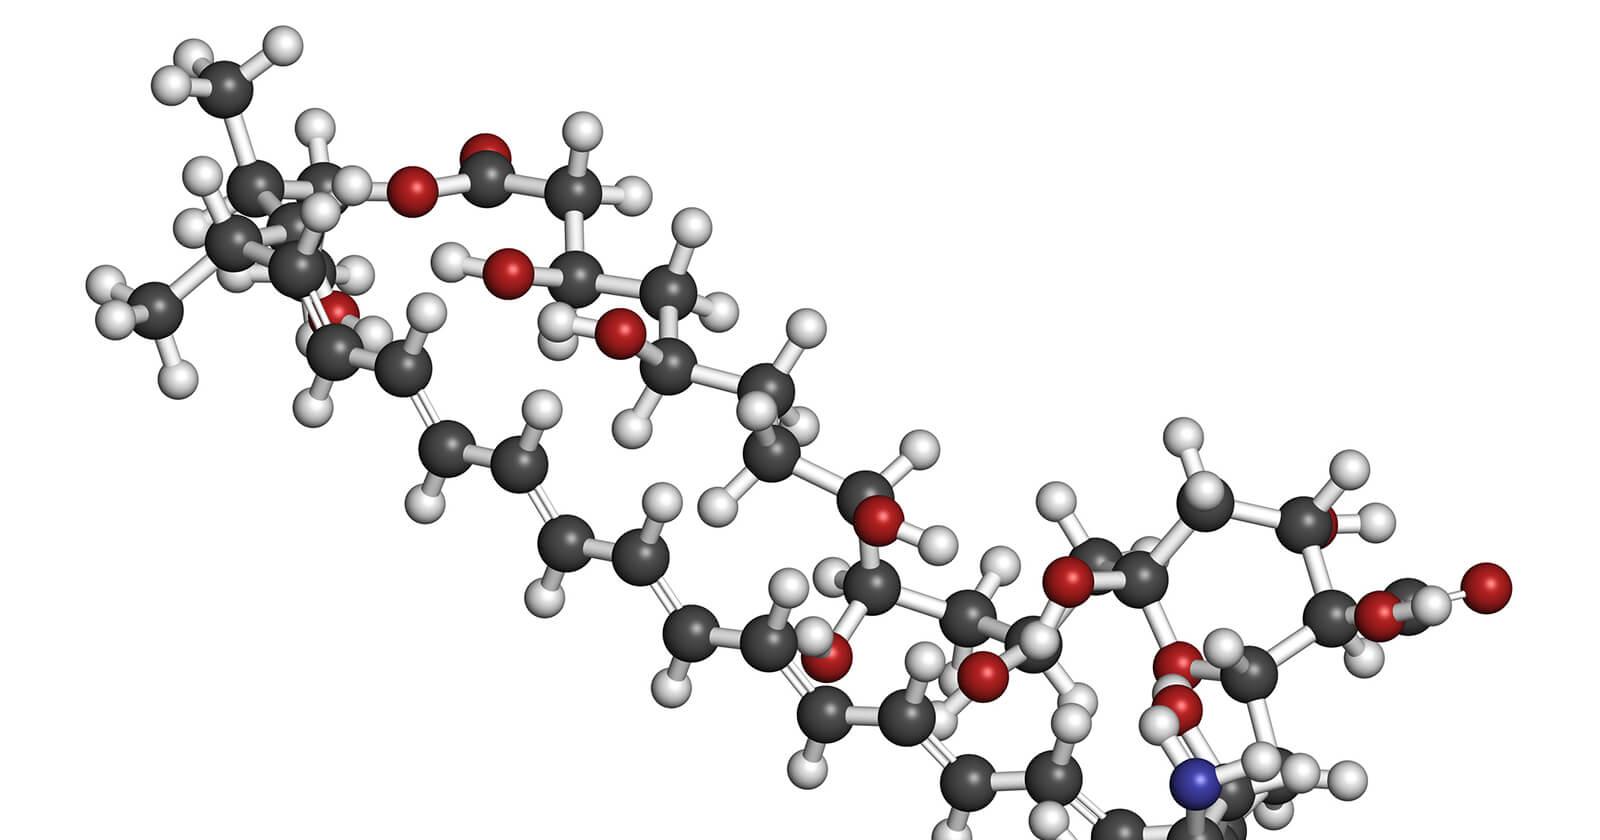 Bei der Behandlung von Nasenpilz kommen Anti-Pilzmittel mit Amphotericin B zum Einsatz.